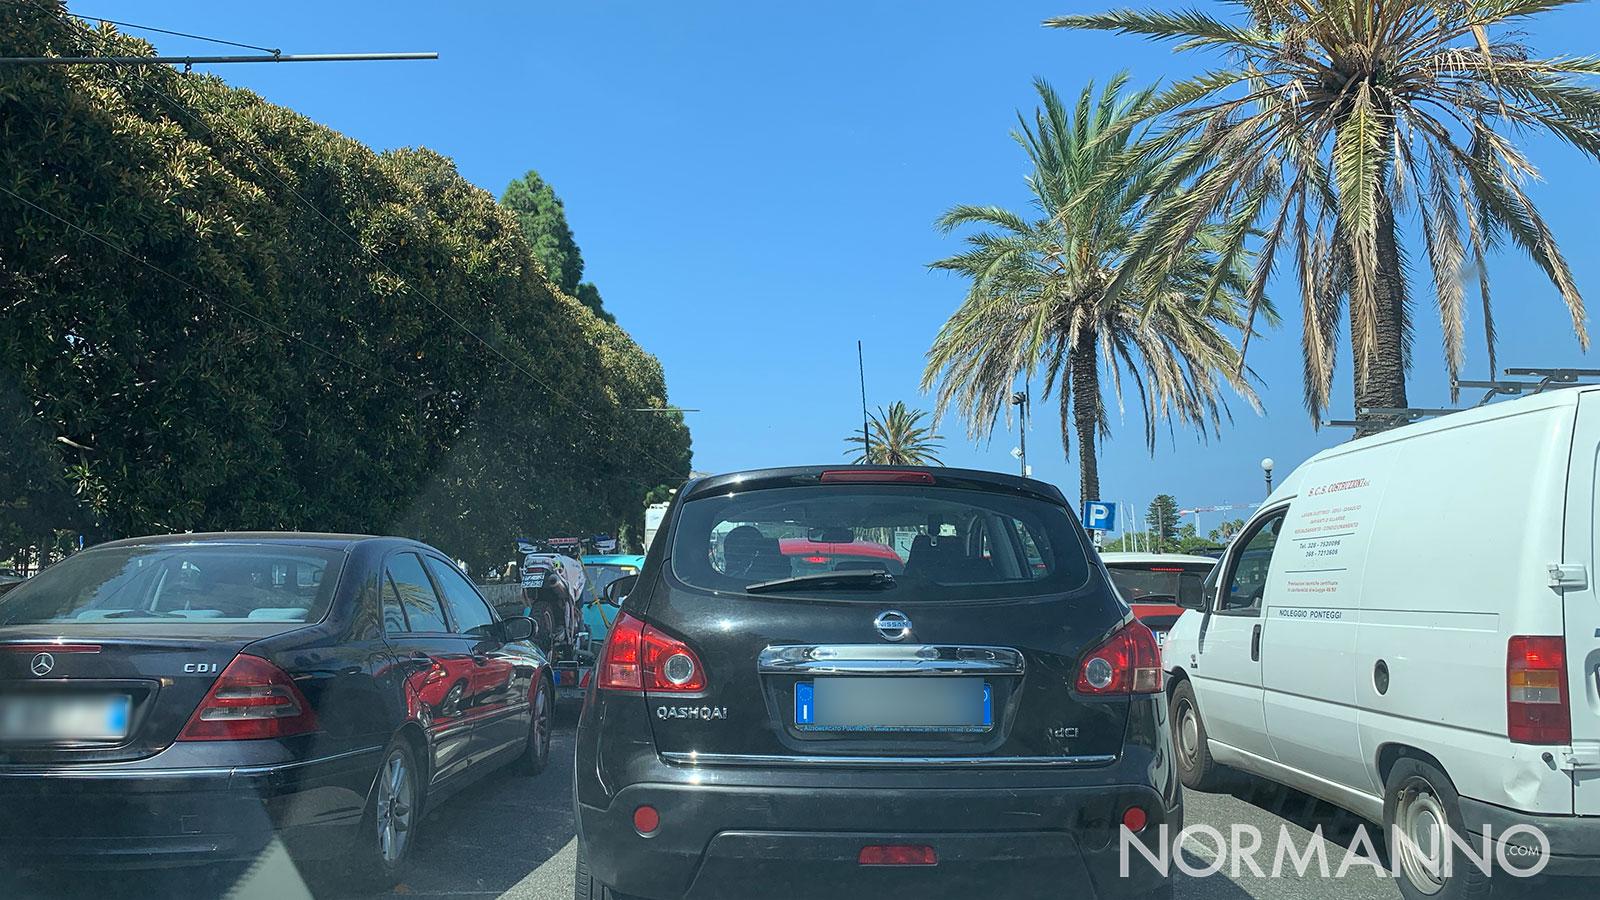 traffico per il controesodo dell'estate 2020 a Messina: coda di macchine sul viale della libertà verso i traghetti